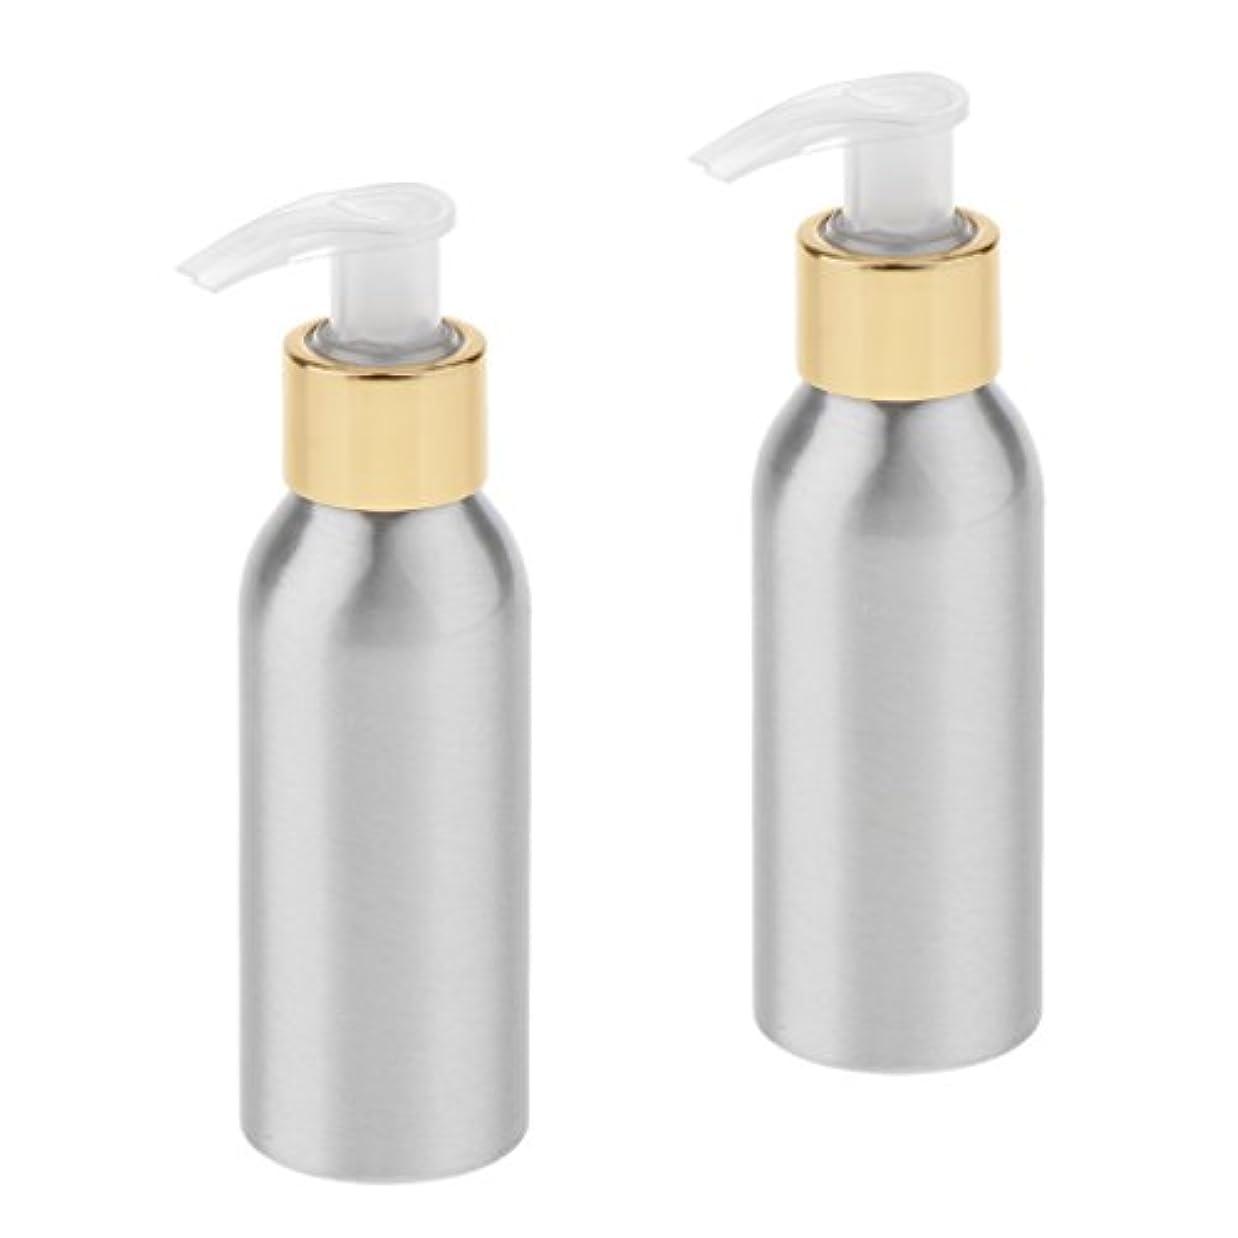 荒廃する気怠いハードウェアSharplace ポンプボトル スプレーボトル 噴霧器 アルミボトル 旅行 出張 用品 詰替え 化粧品 2本入り 全6サイズ - 120ml